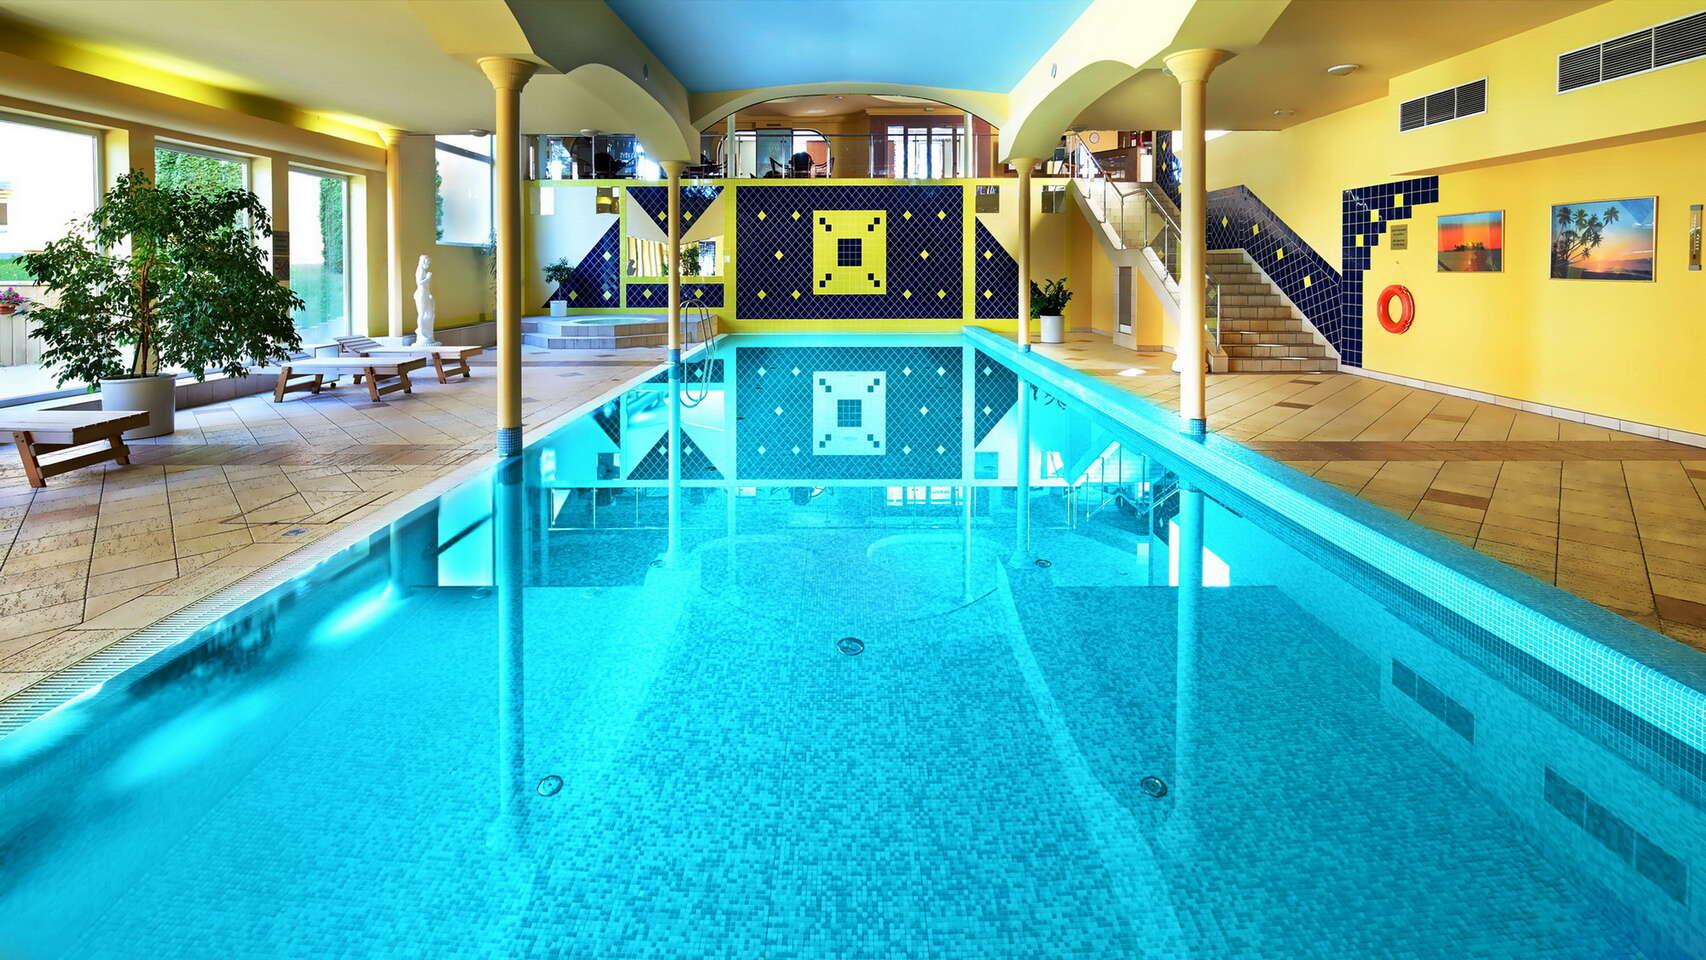 Mimoriadne vyhľadávaný Top Hotel Praha**** s jedinečnou záhradou a neobmedzeným wellness